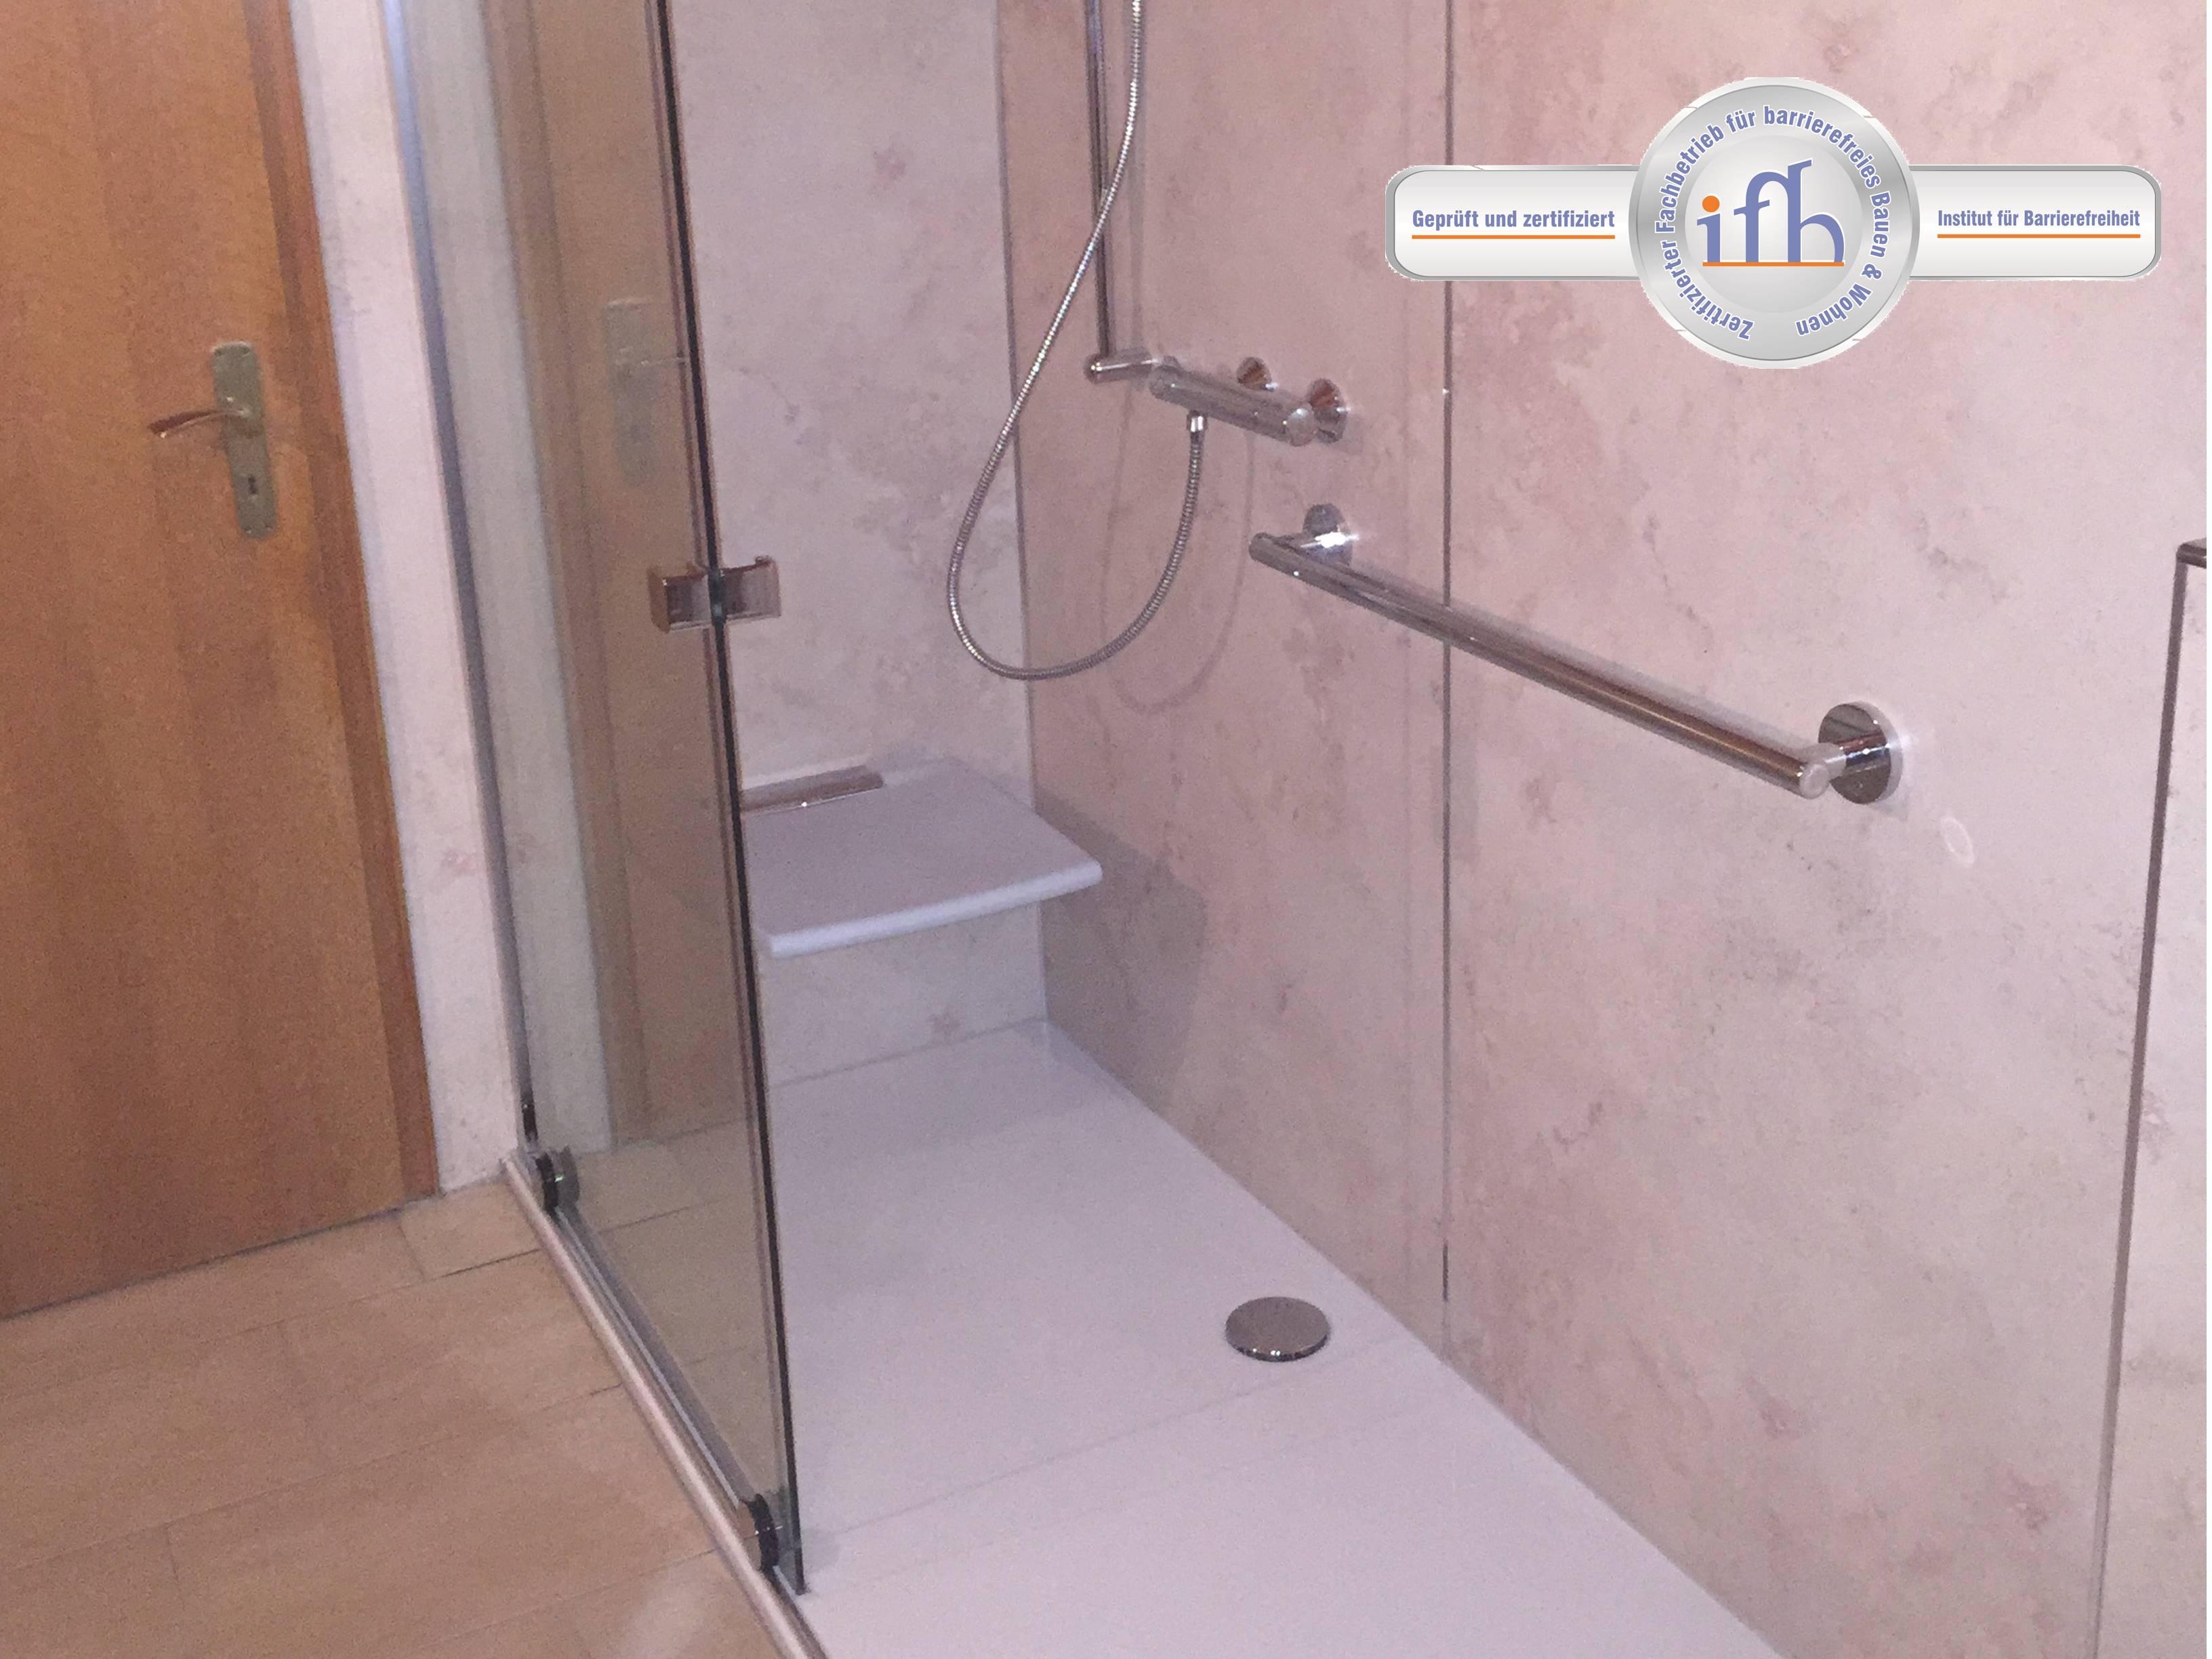 barrierefreie badezimmer - was bedeutet das?, Badezimmer ideen